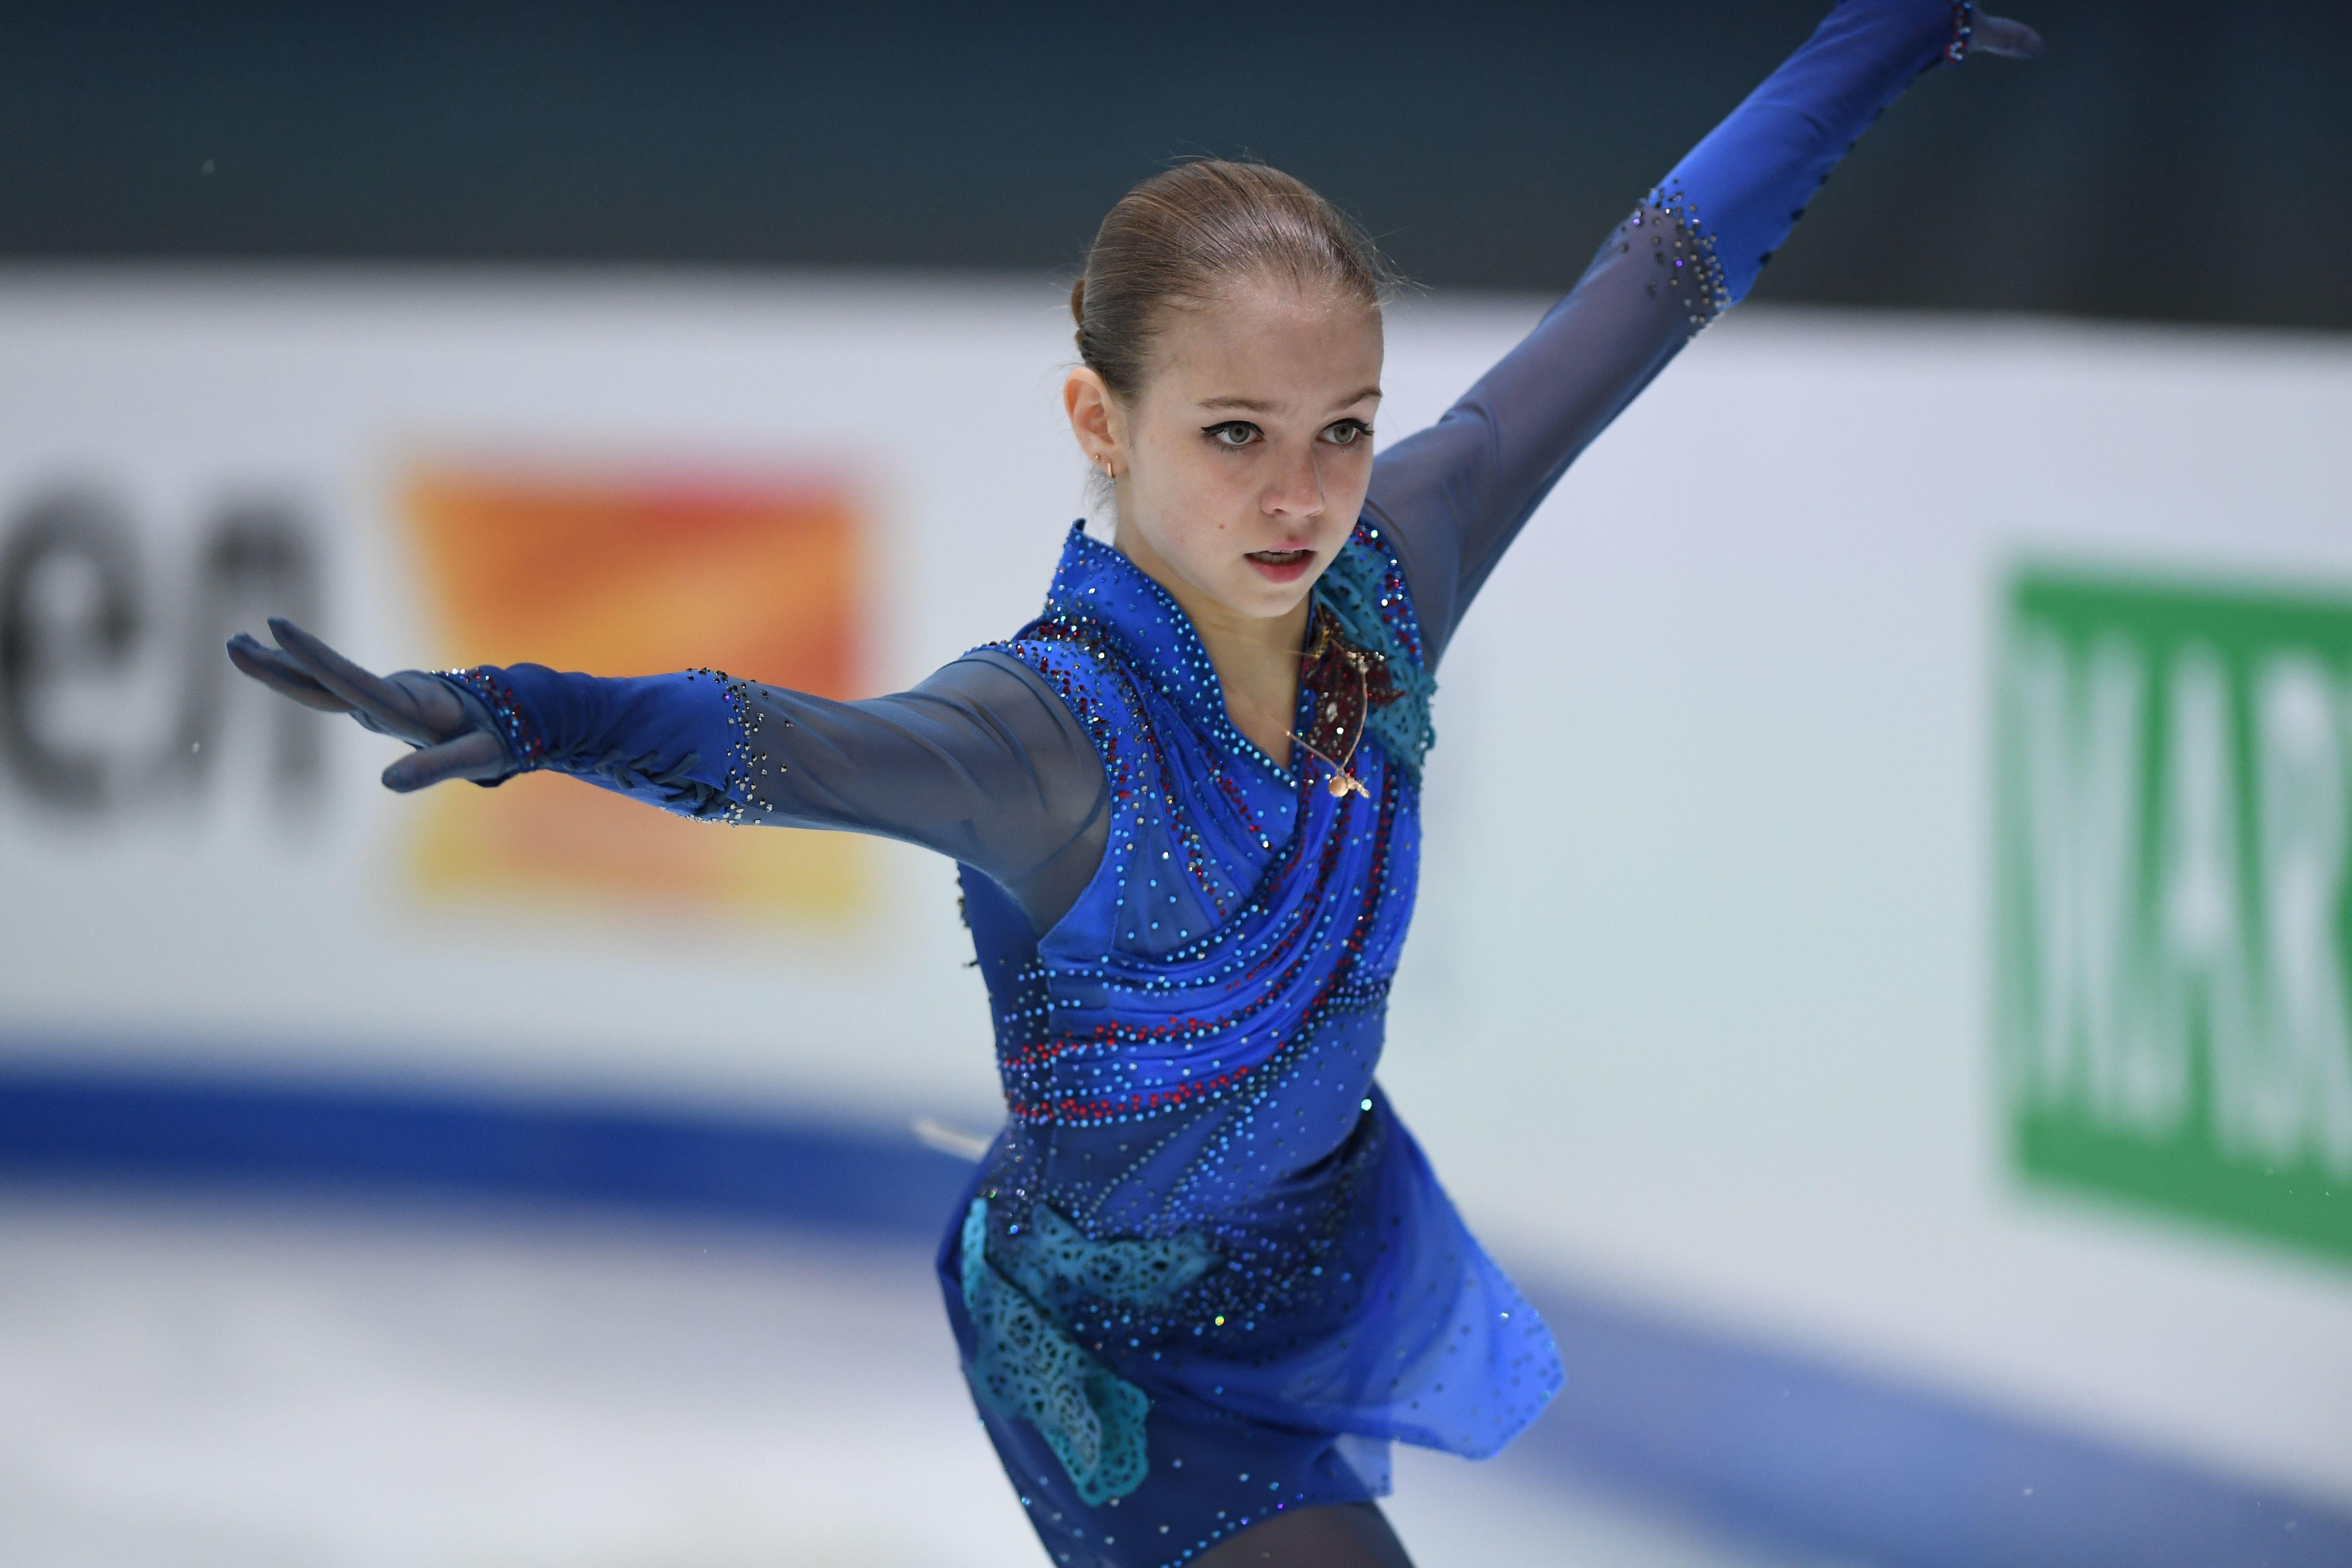 Радионова: 'Жаль Трусову, она была непохожа на себя на Гран-при'